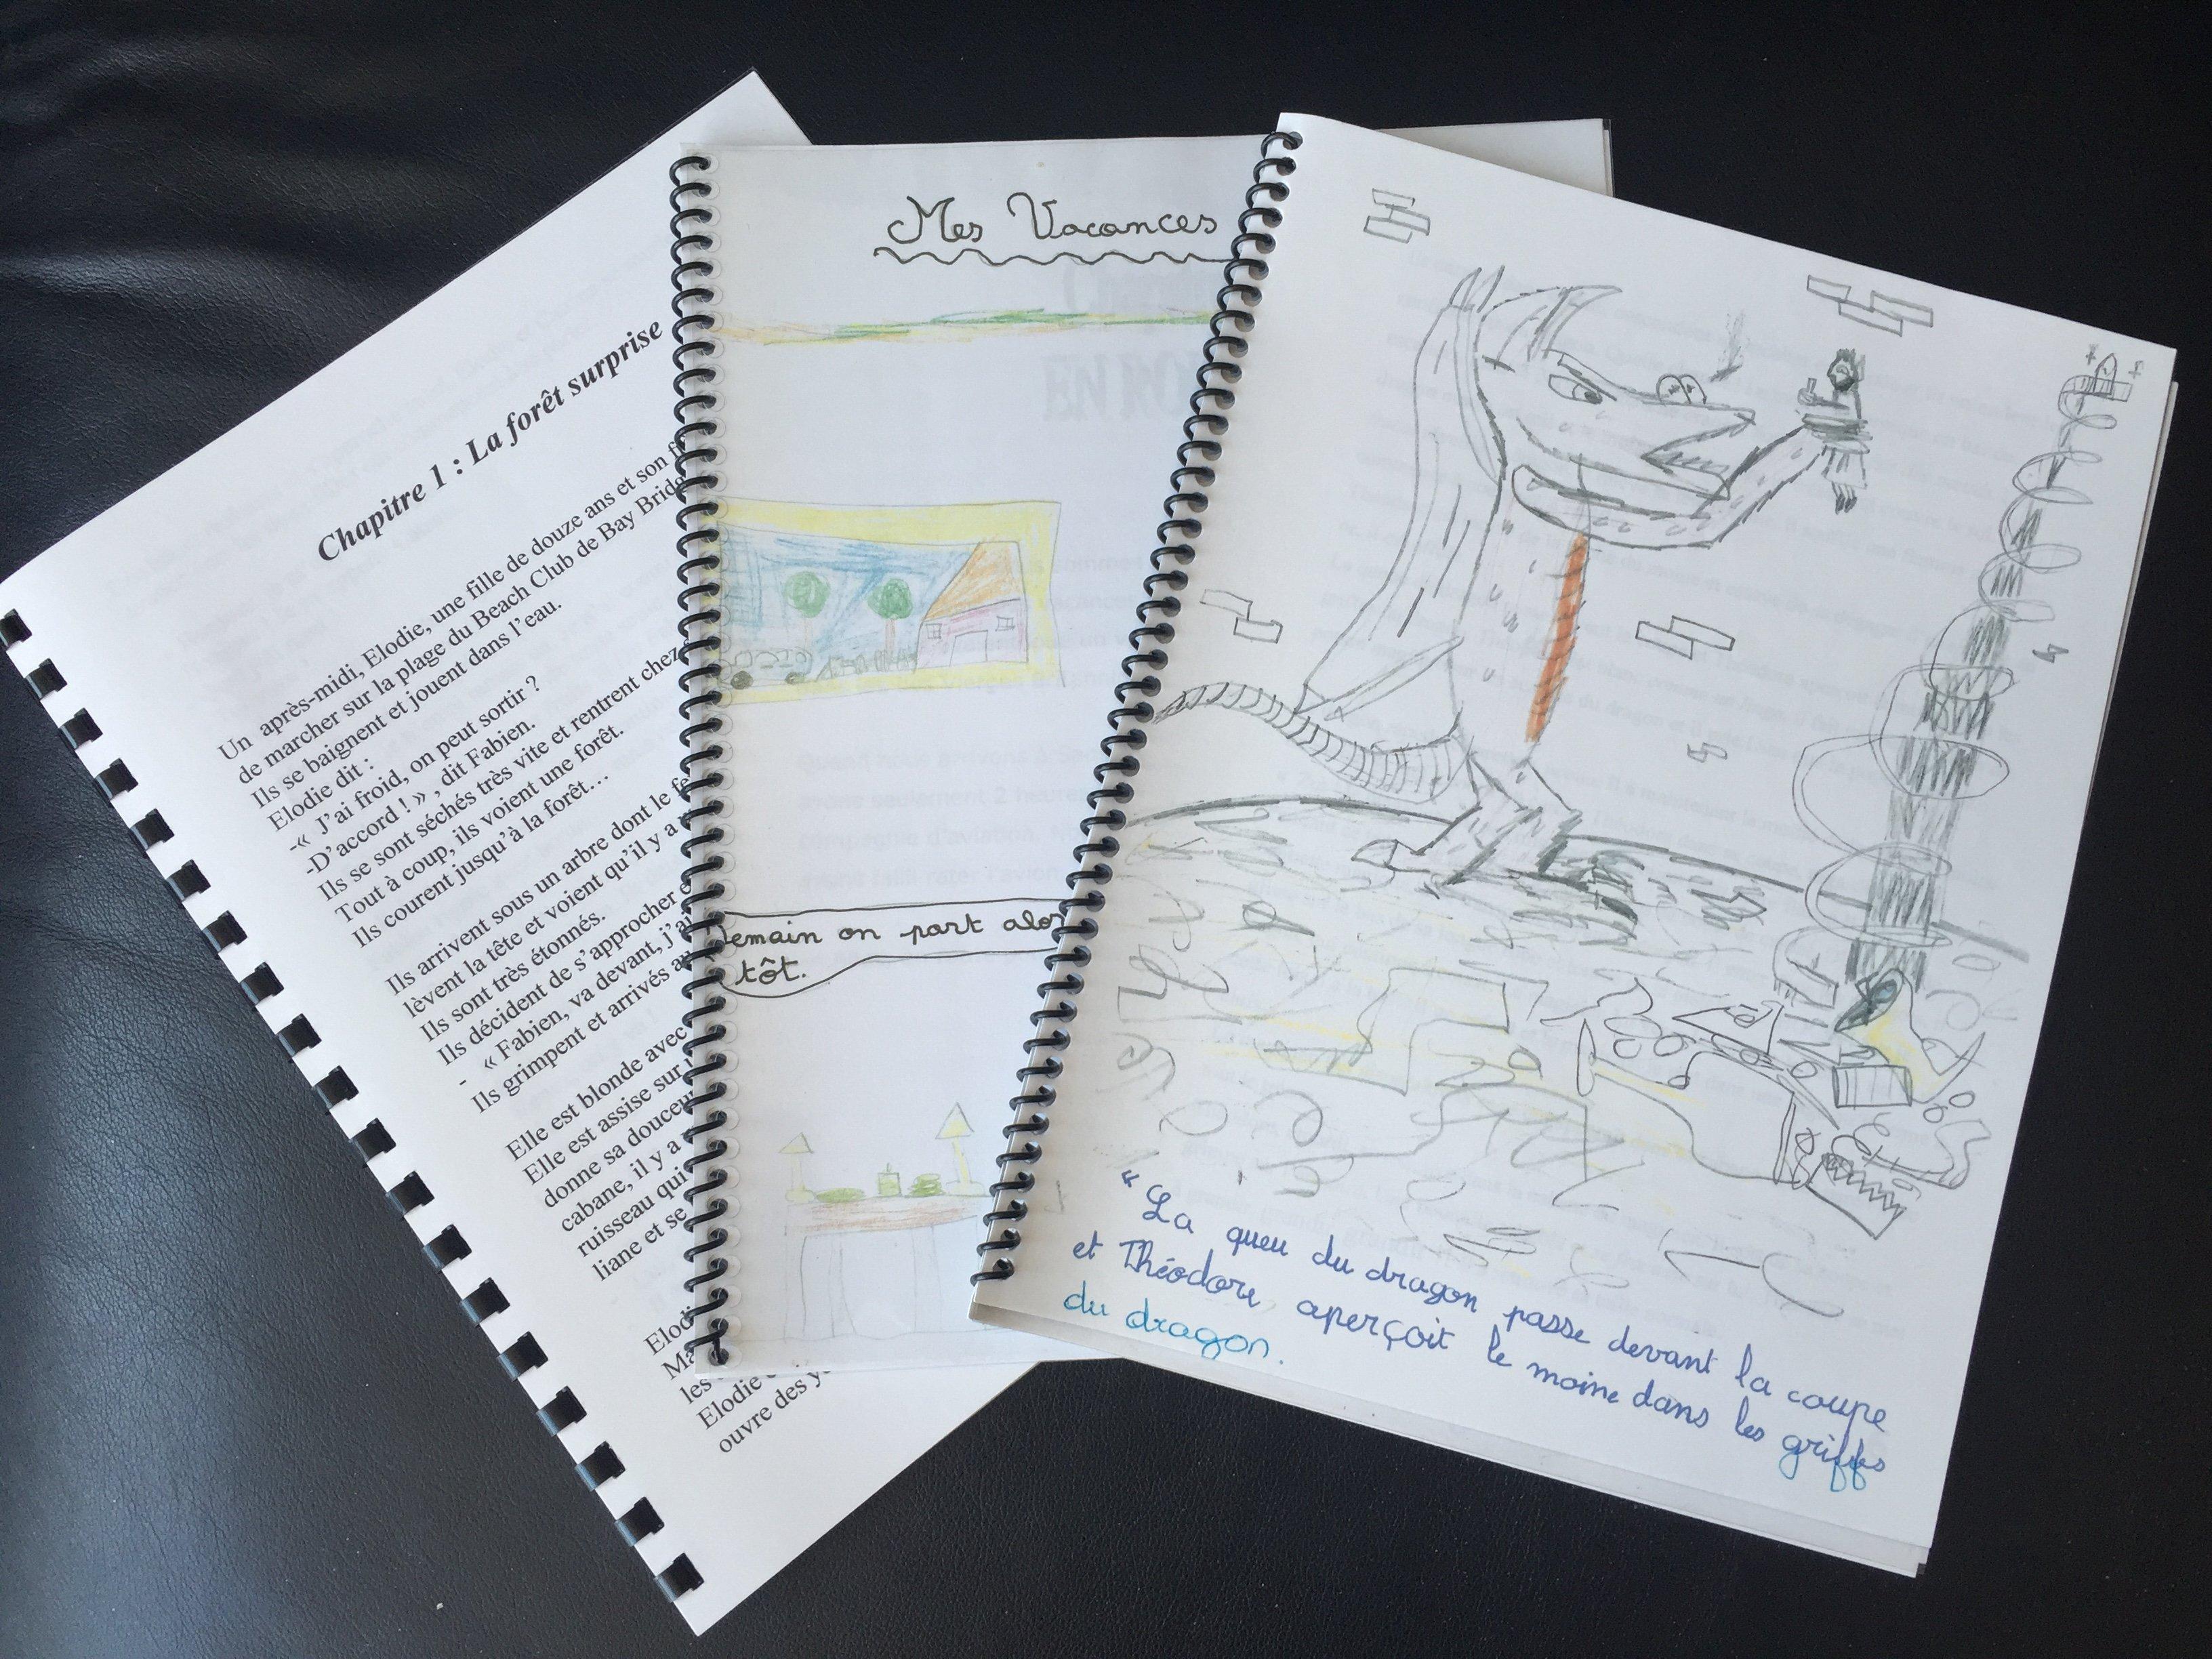 La traversee de l'enfant lecteur-auteur